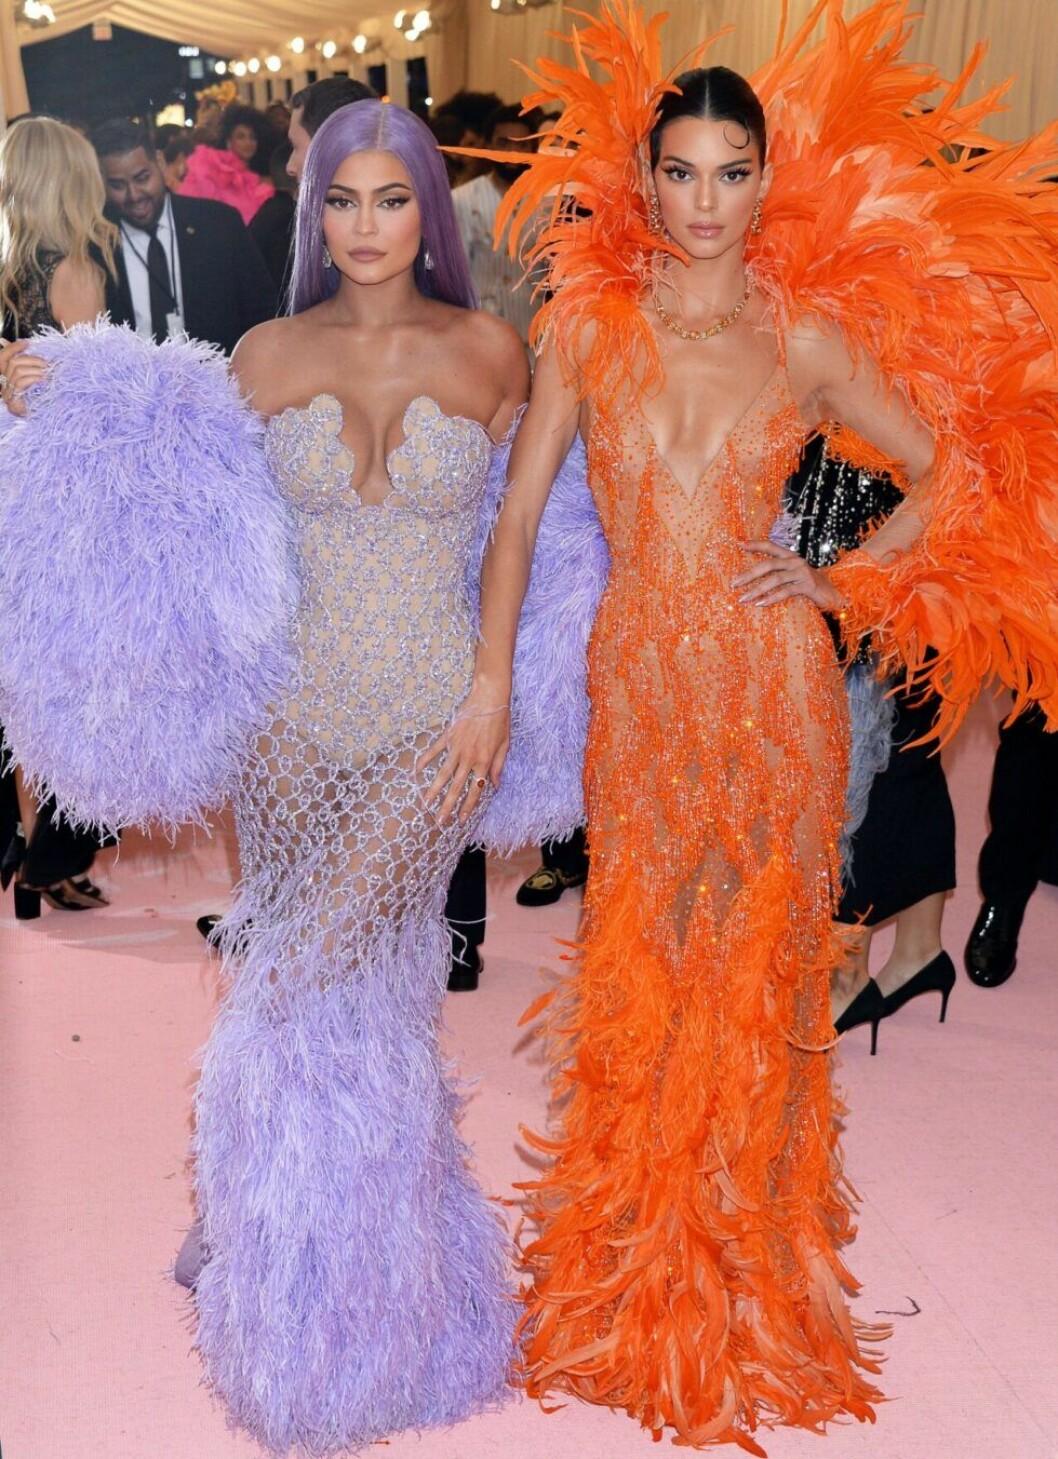 kendall och Kylie Jenner i lila och orange klänning